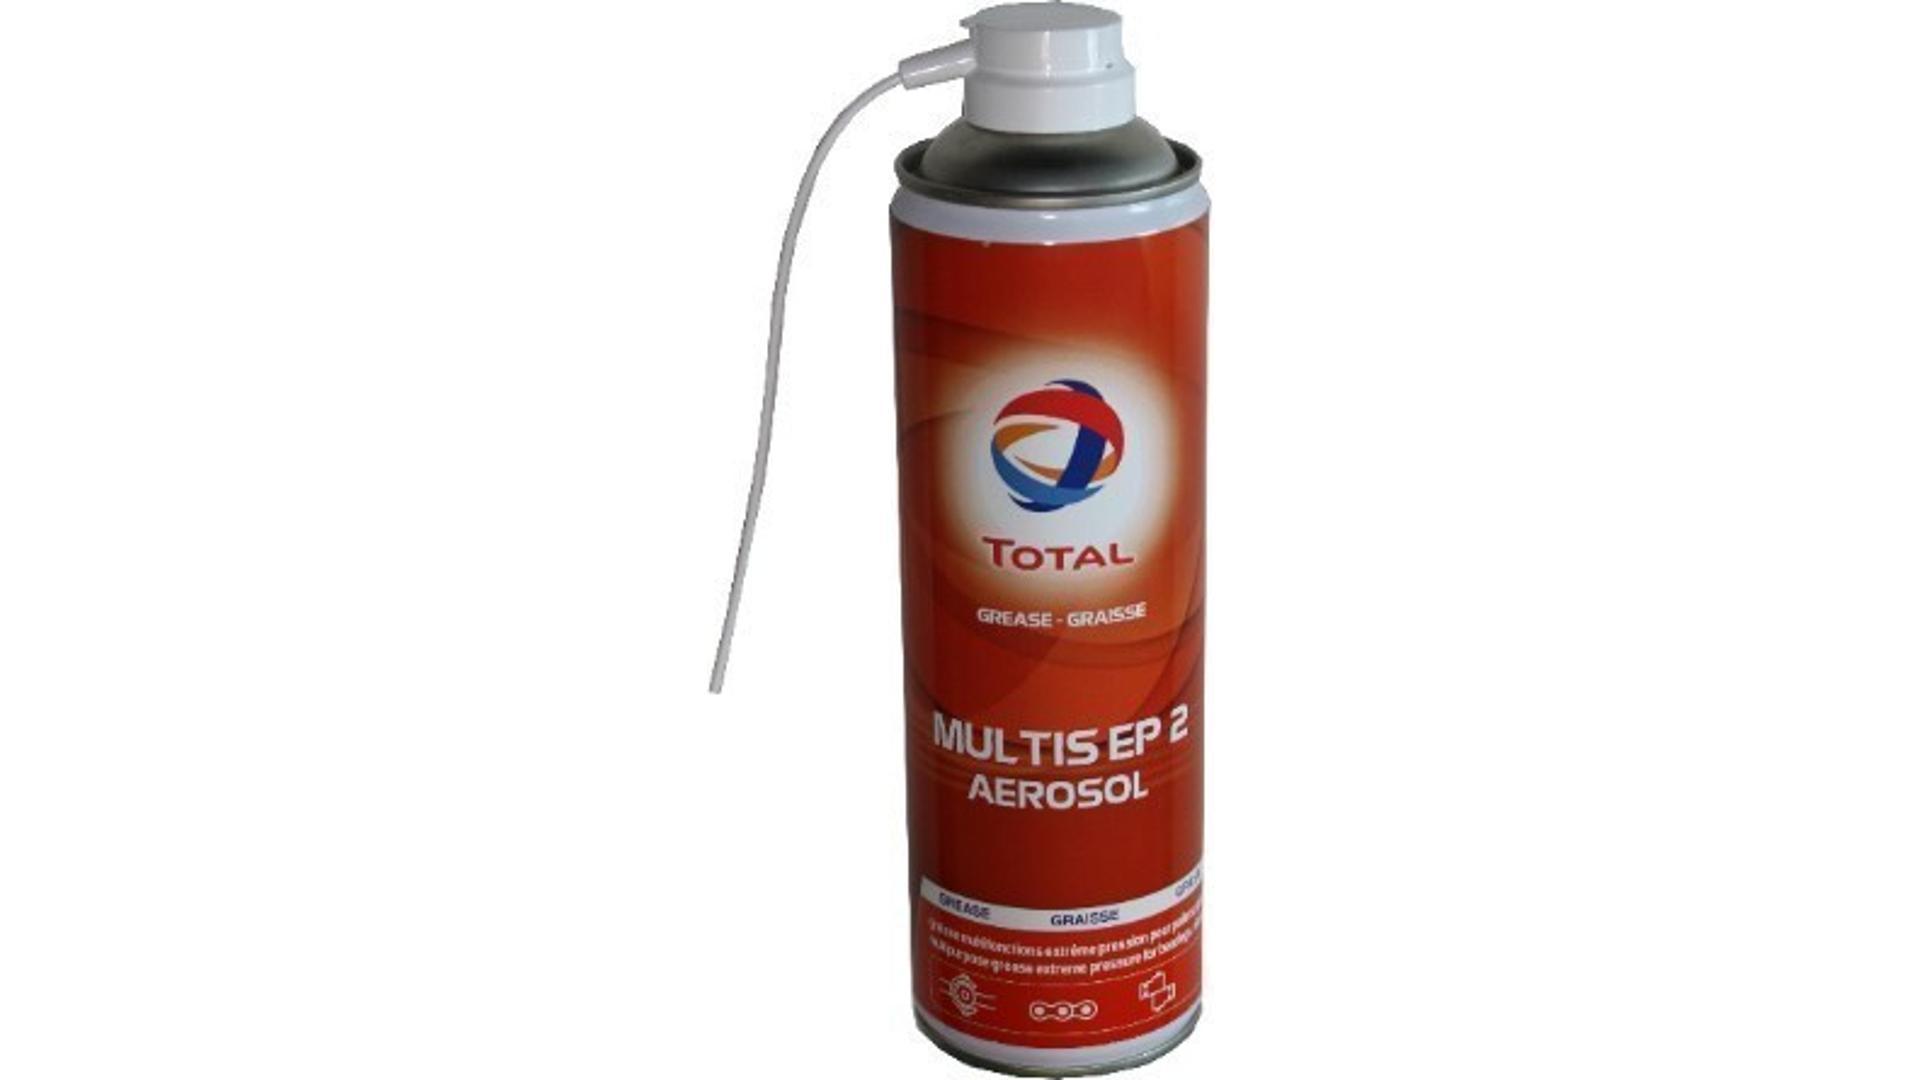 Total Multis EP2 SPREJ 400g (140056)